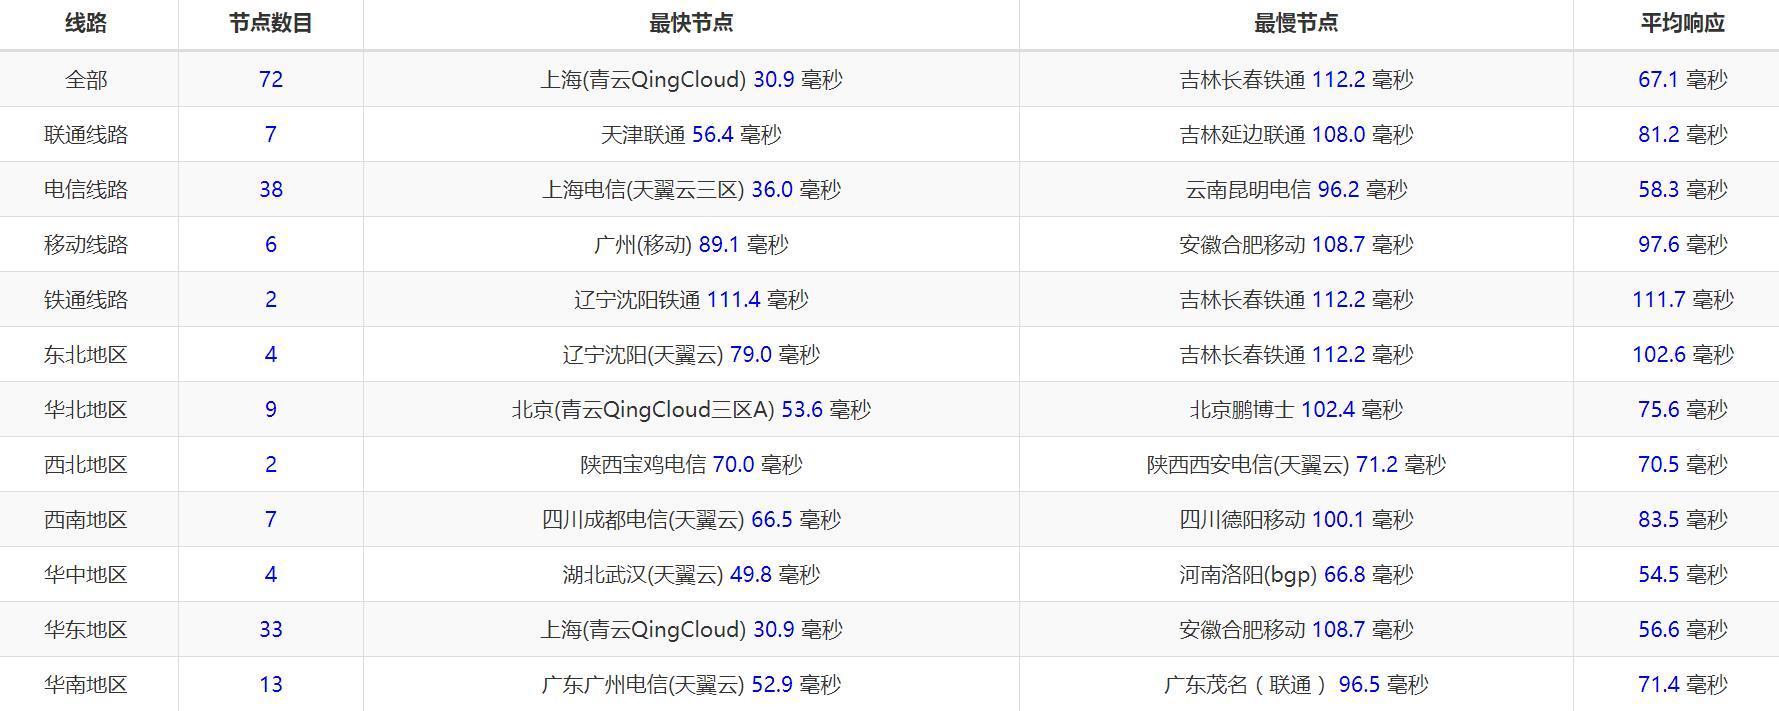 羊毛党之家 Lightsail 512MB内存 SSD硬盘 日本 Xen VPS测评